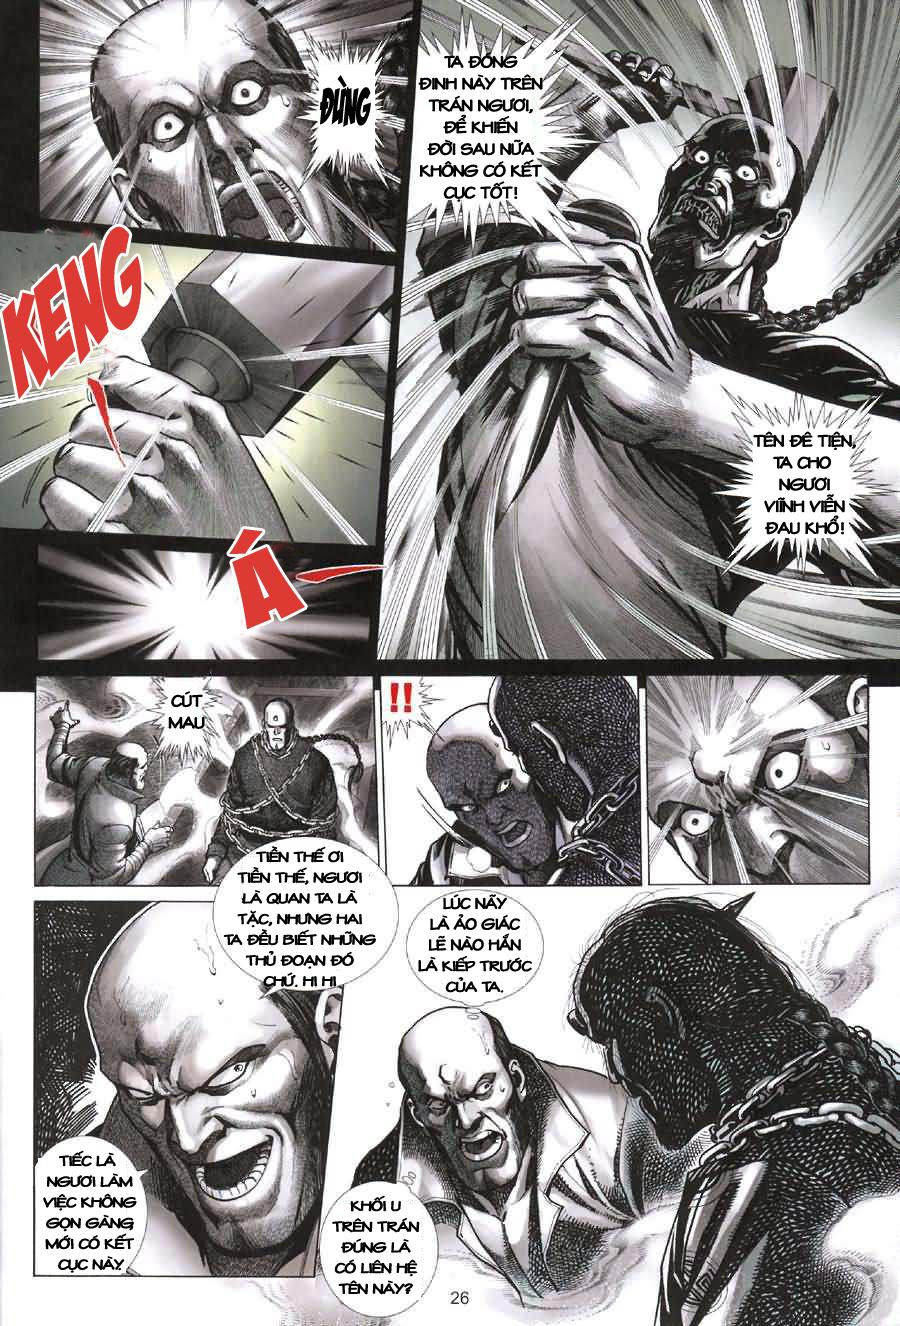 Quỷ Mộ chap 002 trang 26